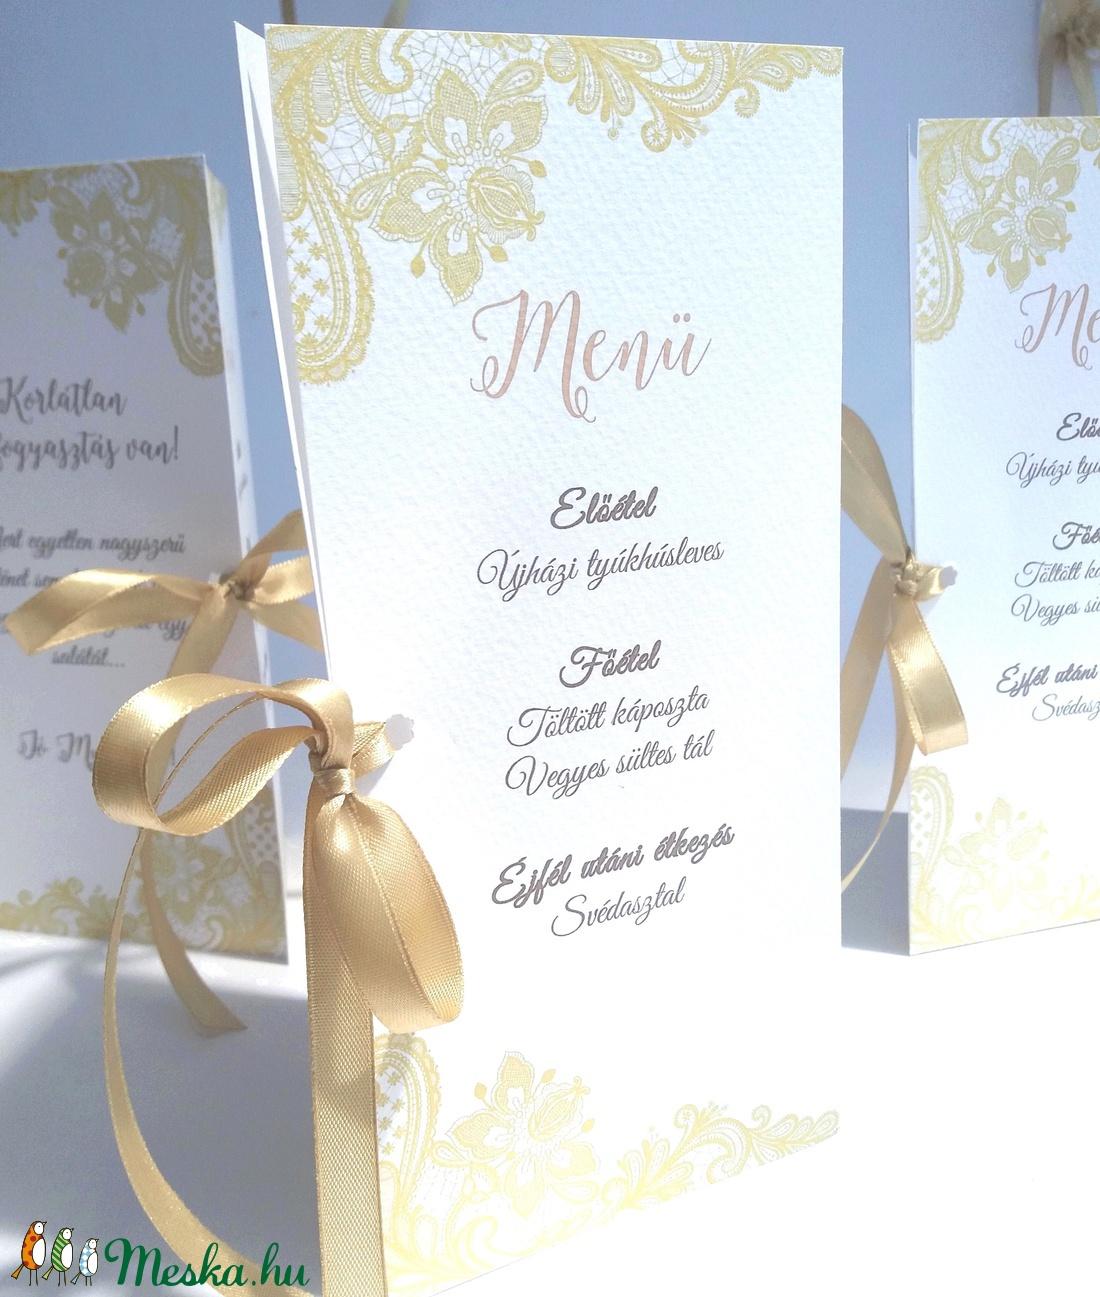 798ca7f85d Esküvői Csipkés Menü, Arany, Csipke, Kála, menükártya, itallap, vacsora,  étlap, elegáns, kála virág, virágos, Party menü